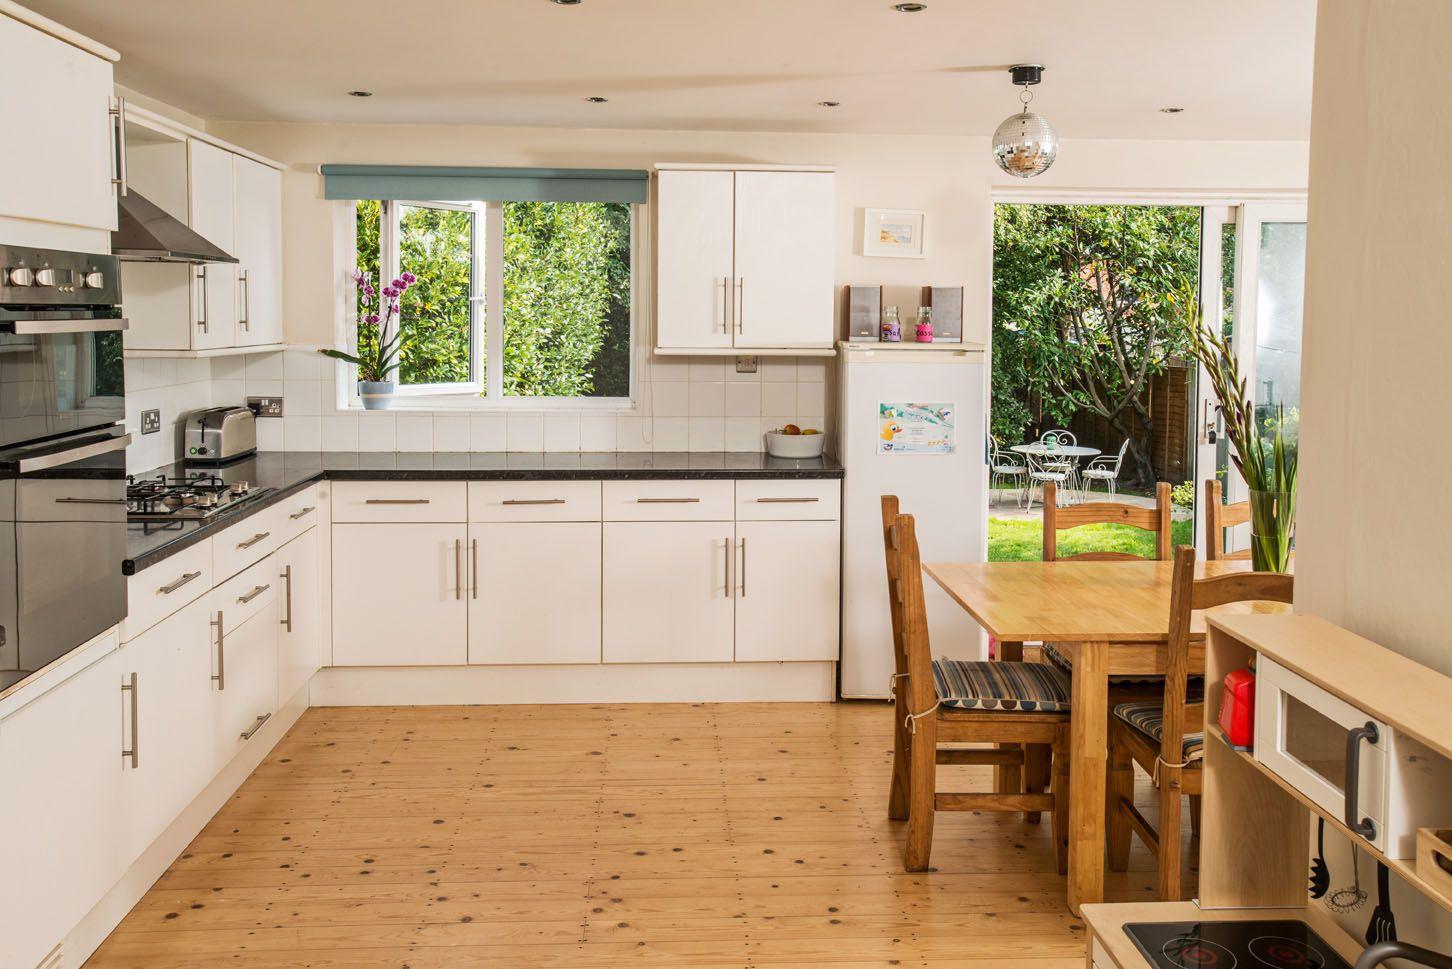 grande maison victorienne pr s de la plage bournemouth uk homeexchange cuisine pour les. Black Bedroom Furniture Sets. Home Design Ideas